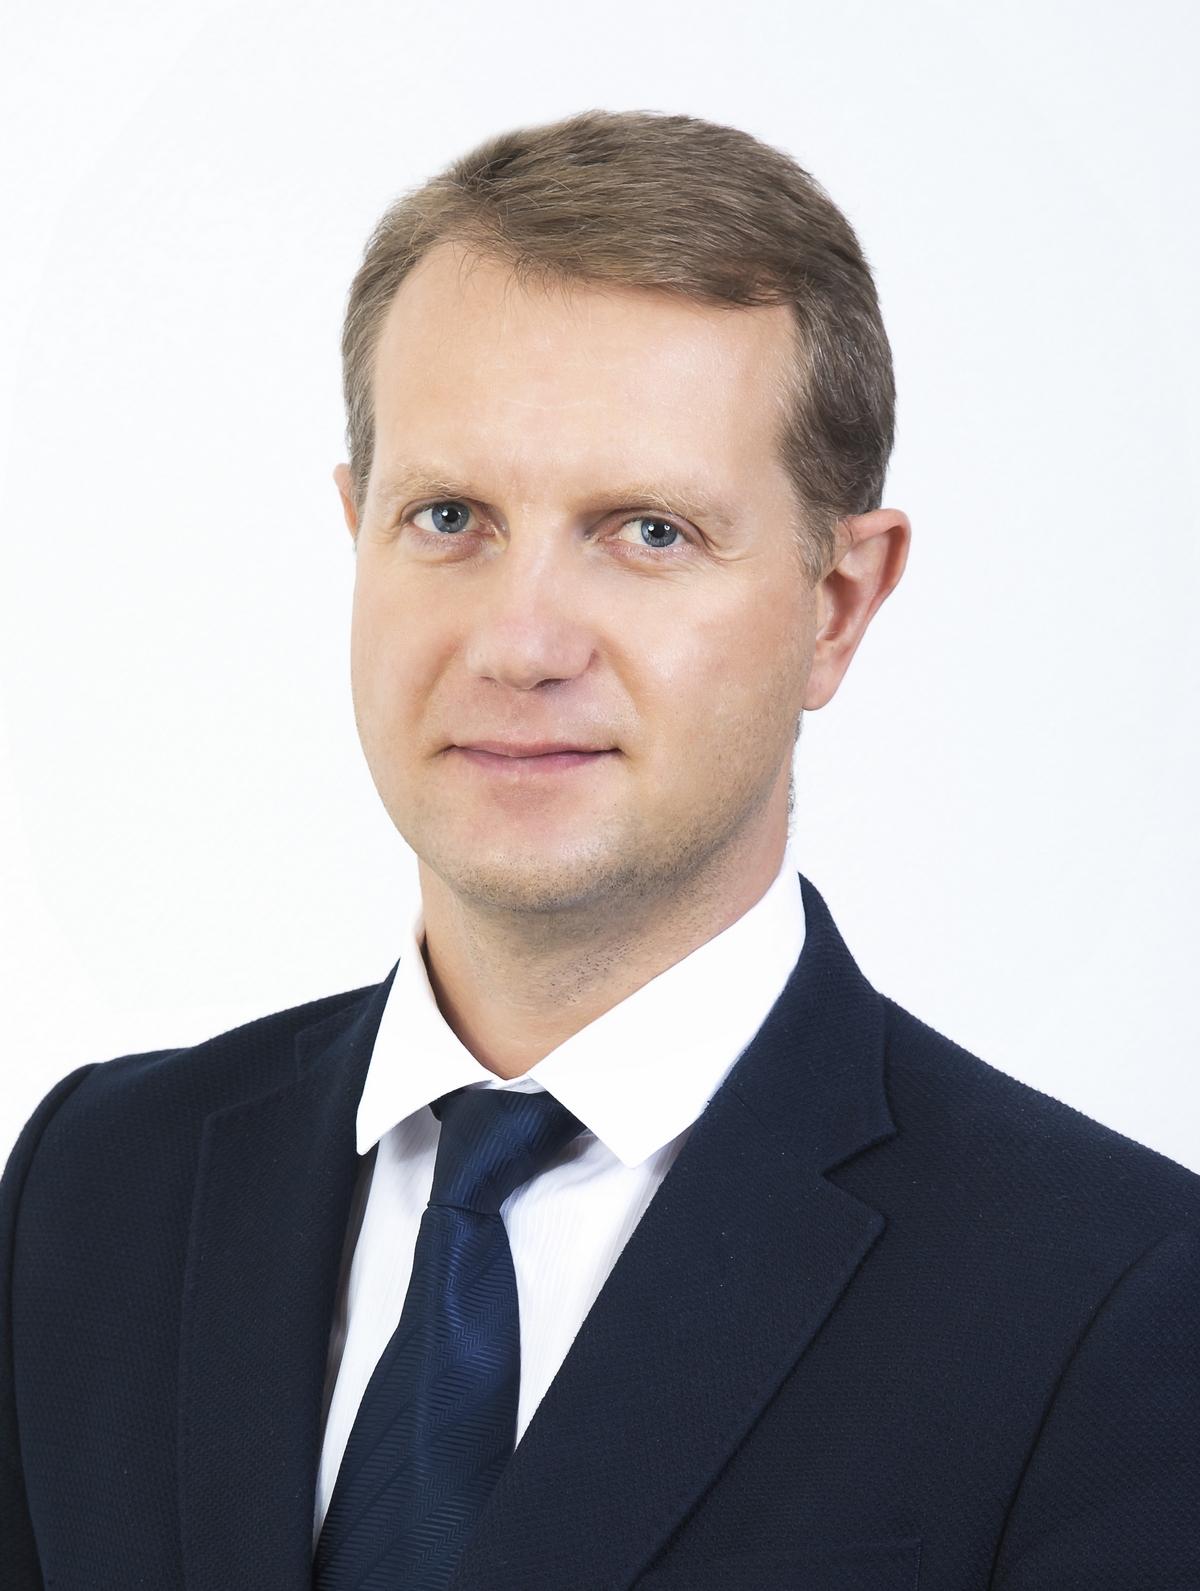 Кудрявцев Александр Александрович